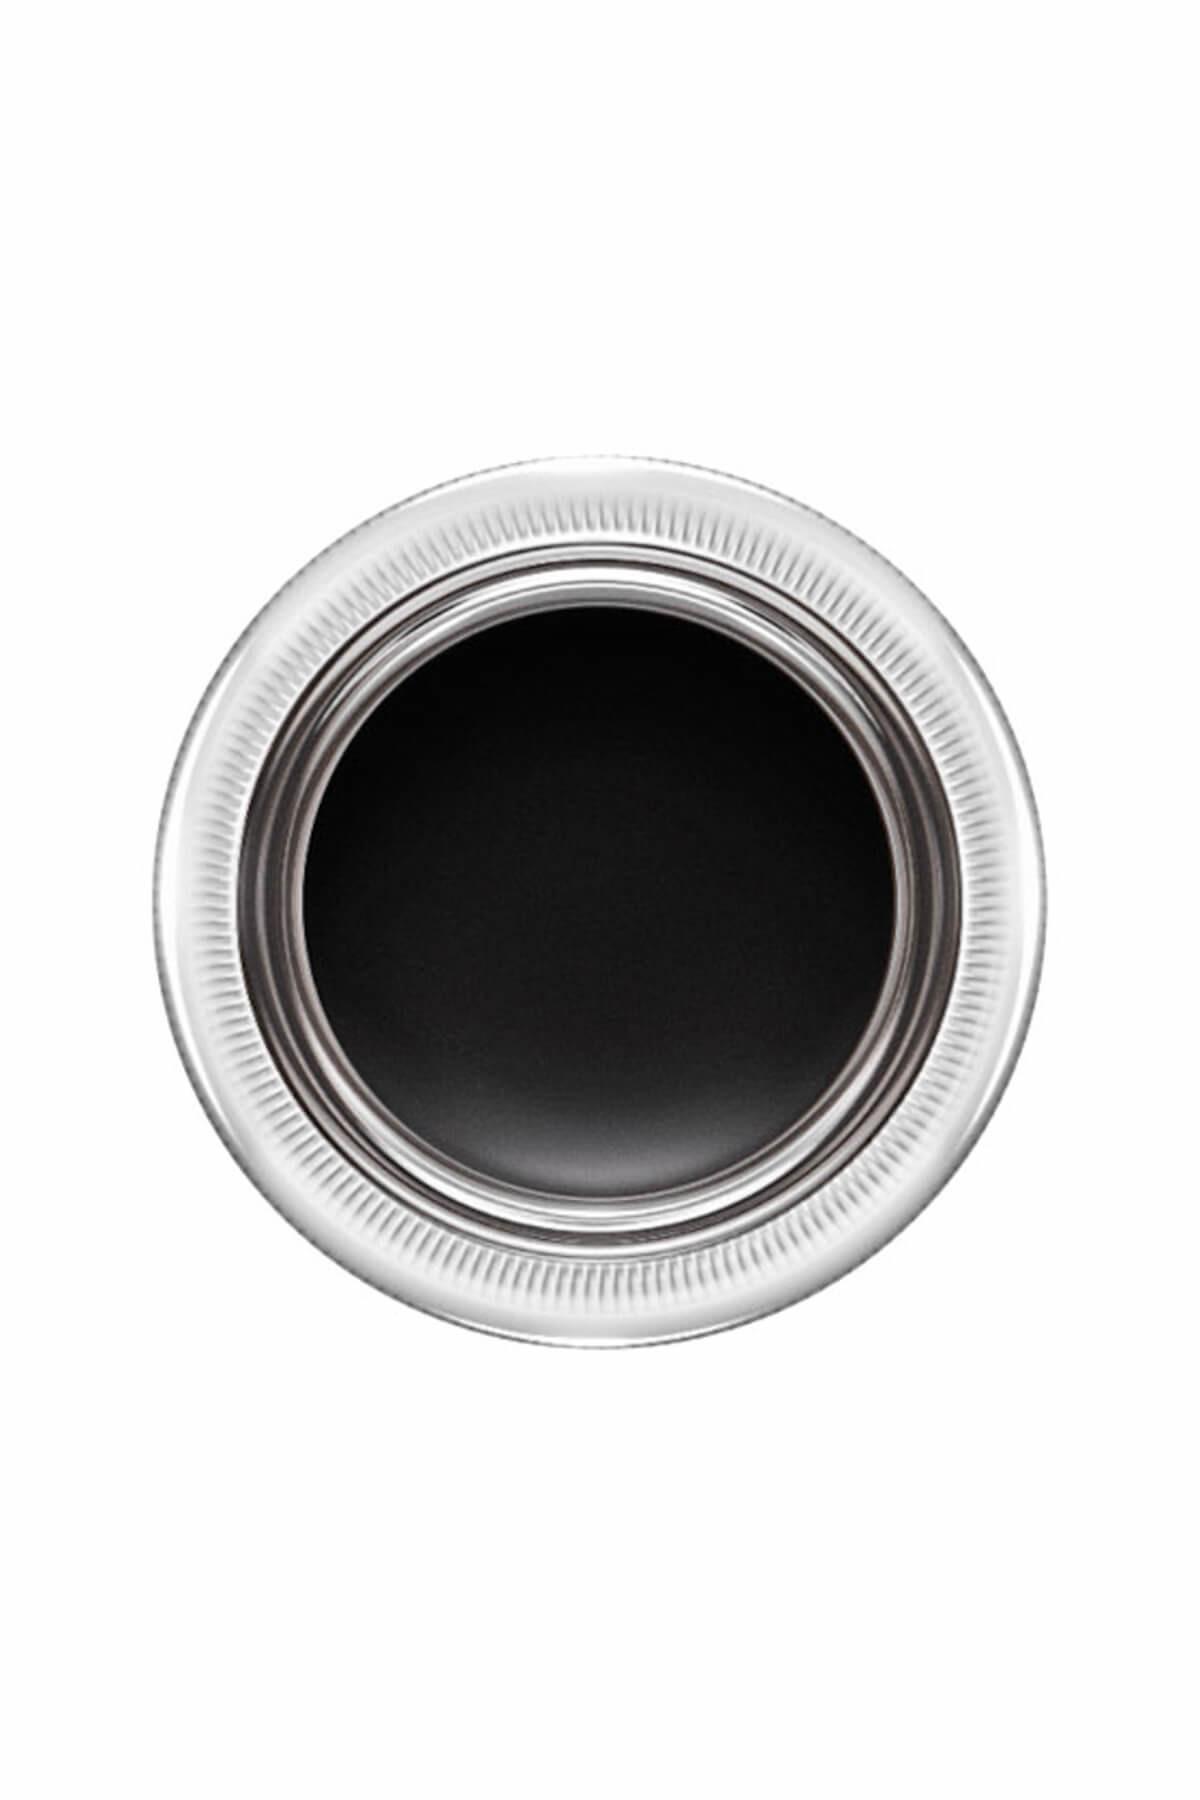 M.A.C Jel Eyeliner - Fluidline Blacktrack 3 g 773602397778 2